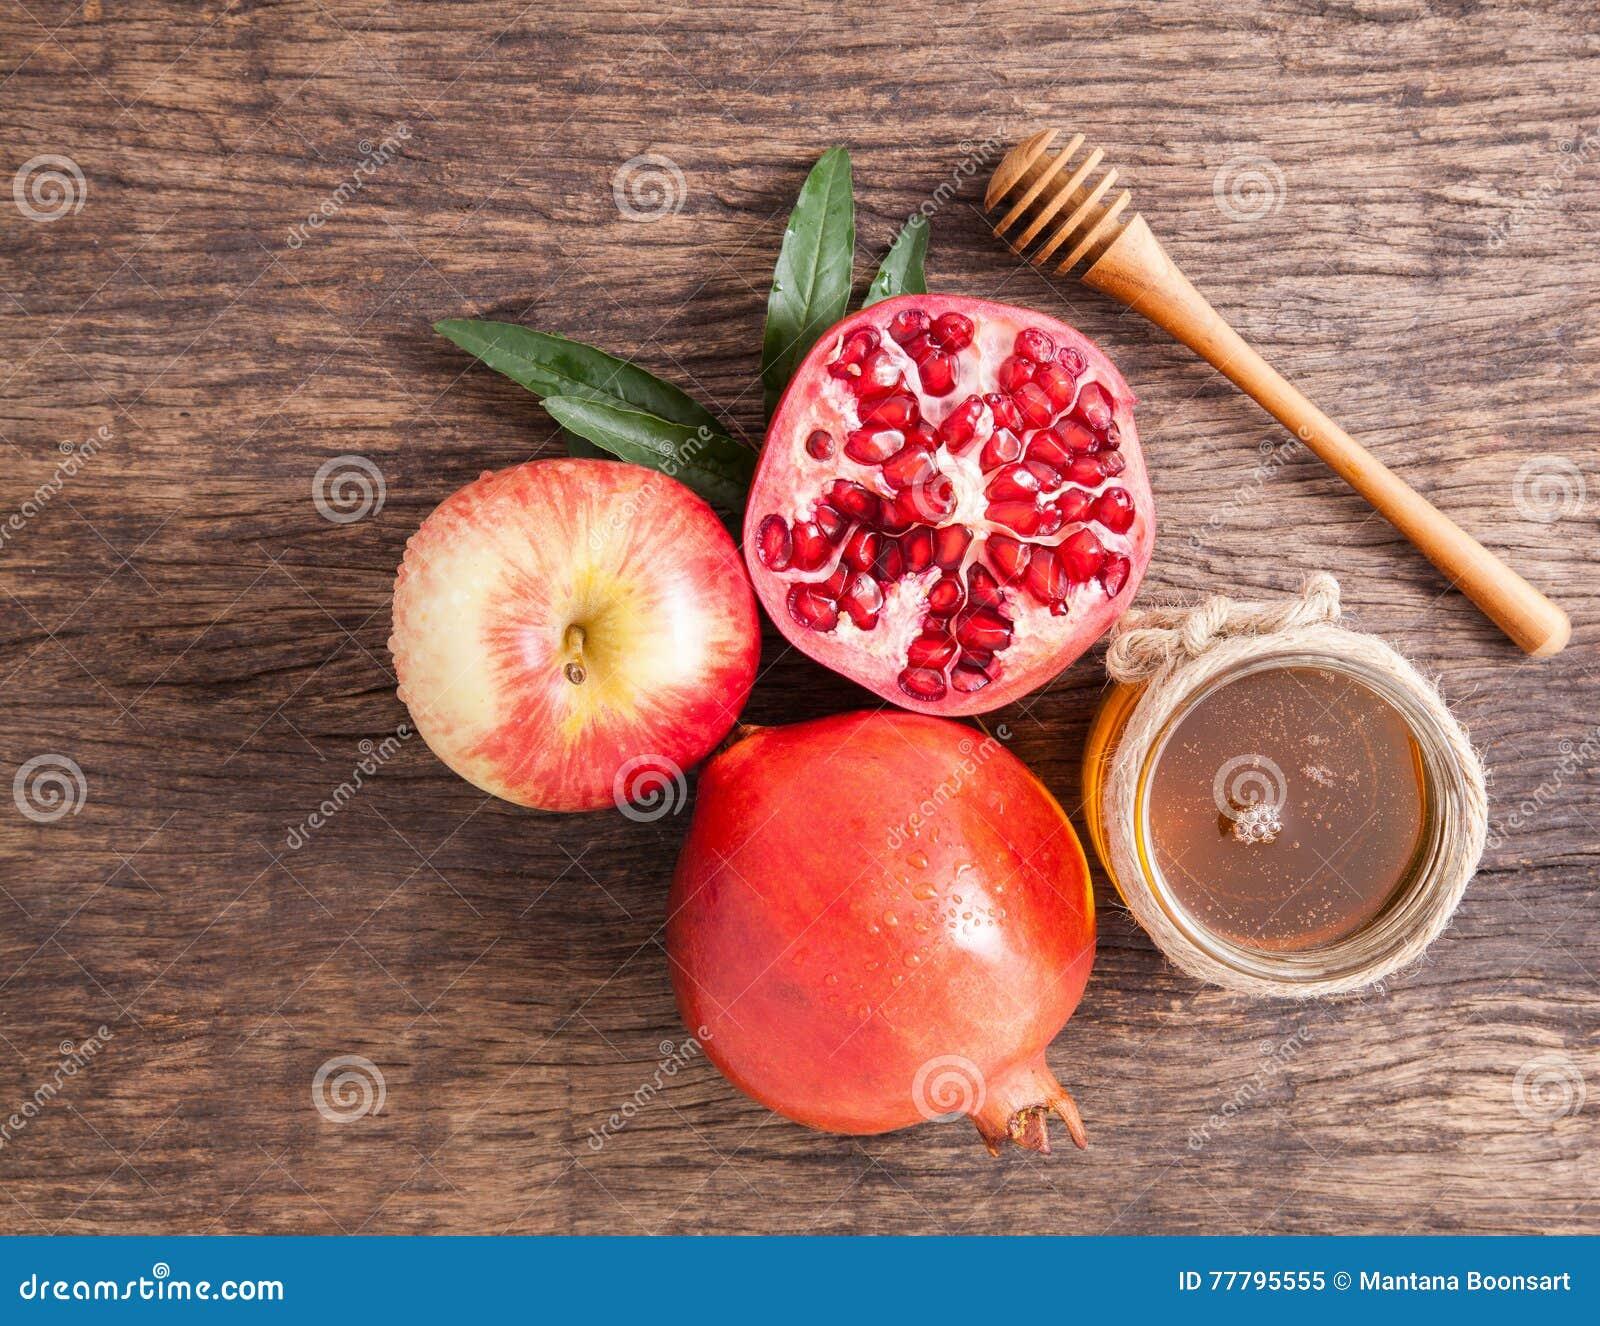 Romã, maçã e mel para o explorador de saída de quadriculação tradicional dos símbolos do feriado